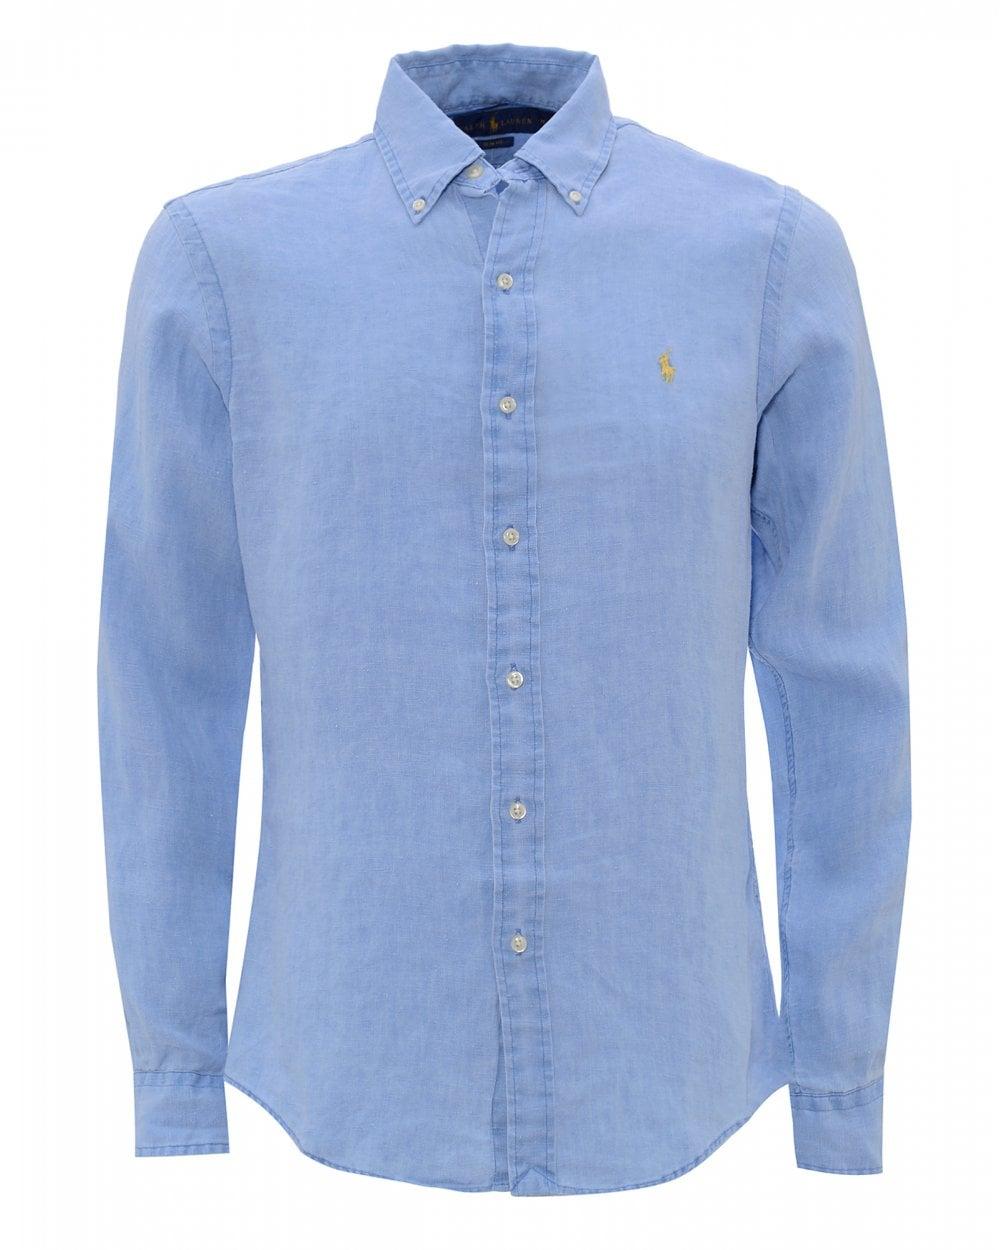 e92cd78044b4 Ralph Lauren Mens Riviera Blue Slim Fit Linen Shirt